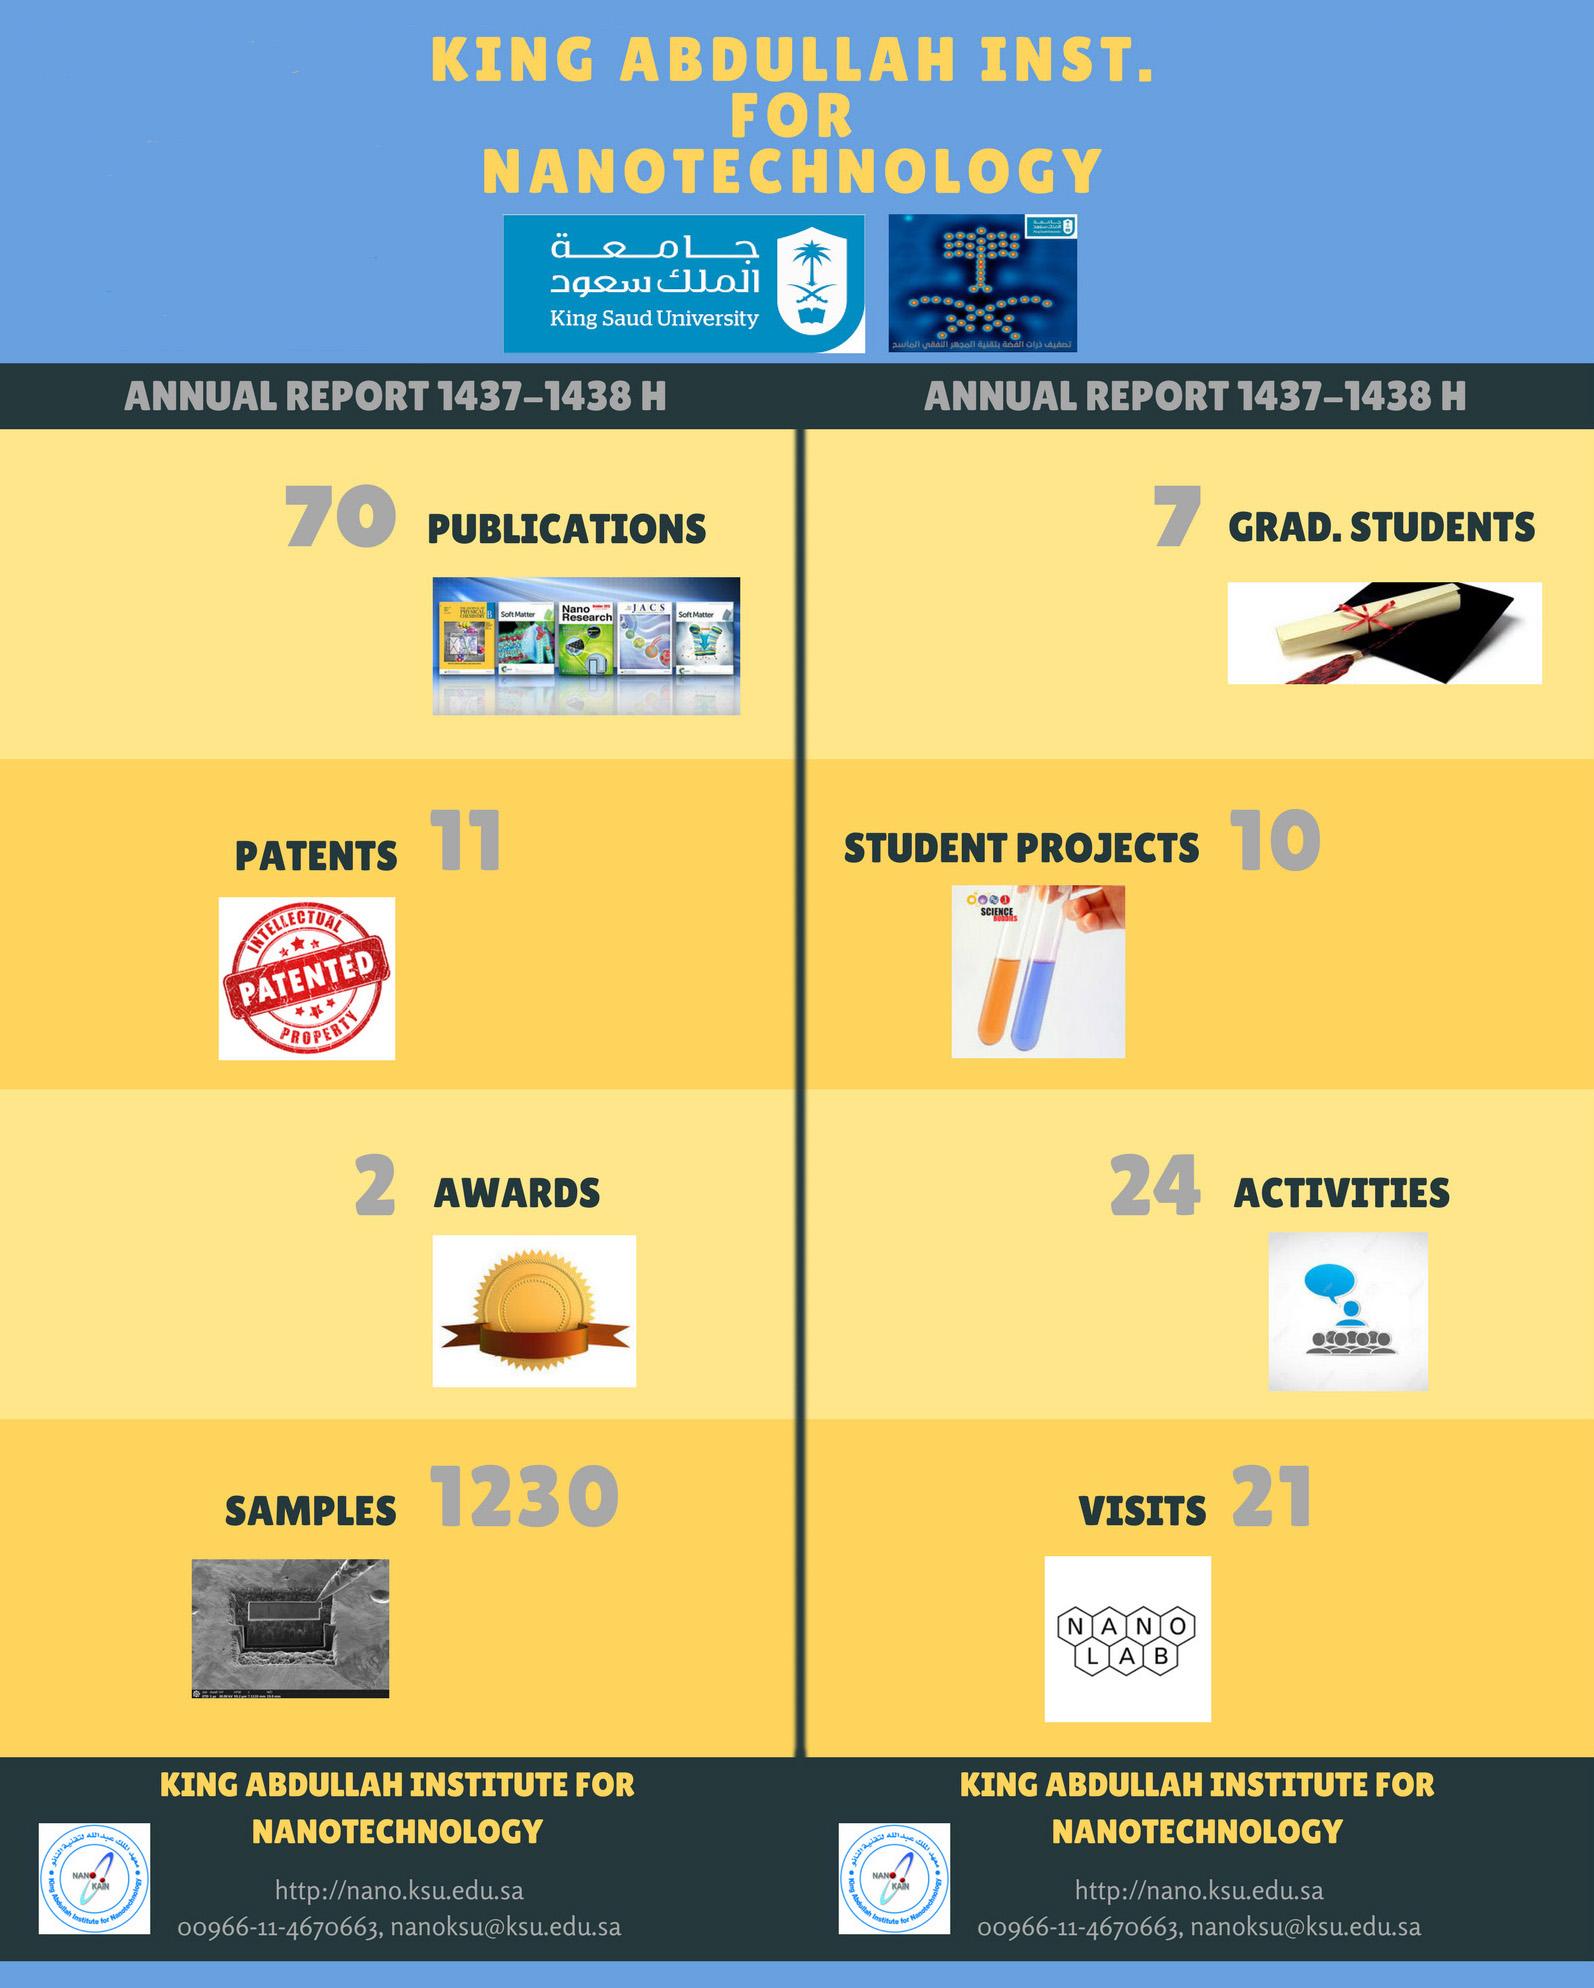 لمحة عن بعض إنجازات معهد الملك عبدالله لتقنية النانو بجامعة الملك سعود من التقرير السنوي للعام الجامعي 1437 / 1438هـ